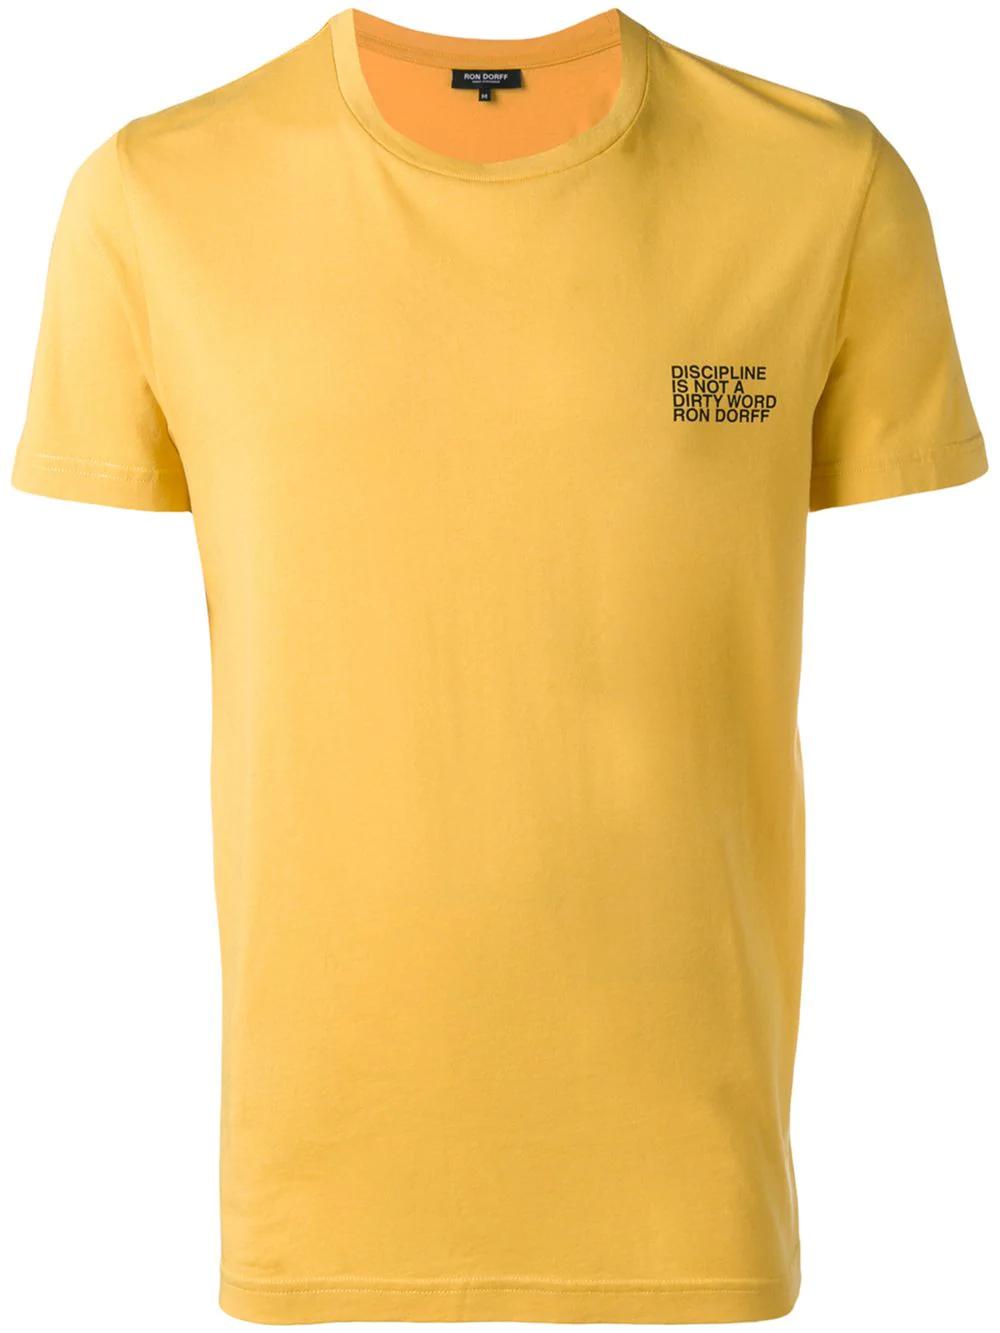 37ff7349d4 Ron Dorff Discipline T-Shirt - Yellow | ModeSens